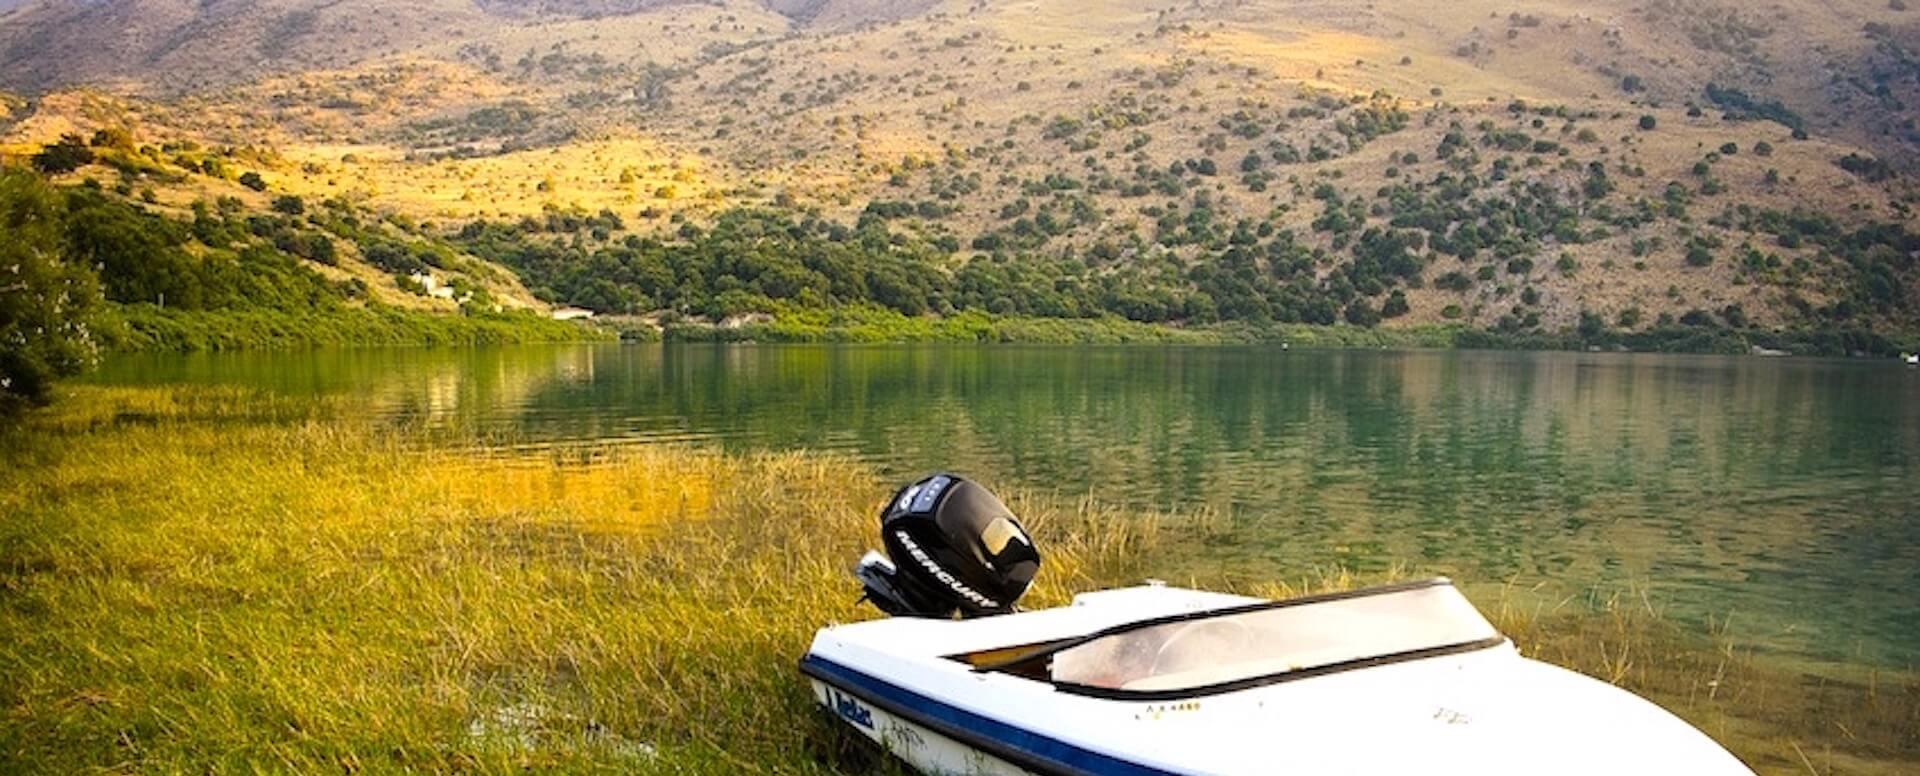 5- Faites du pédalo sur le lac de Kournás - Crete